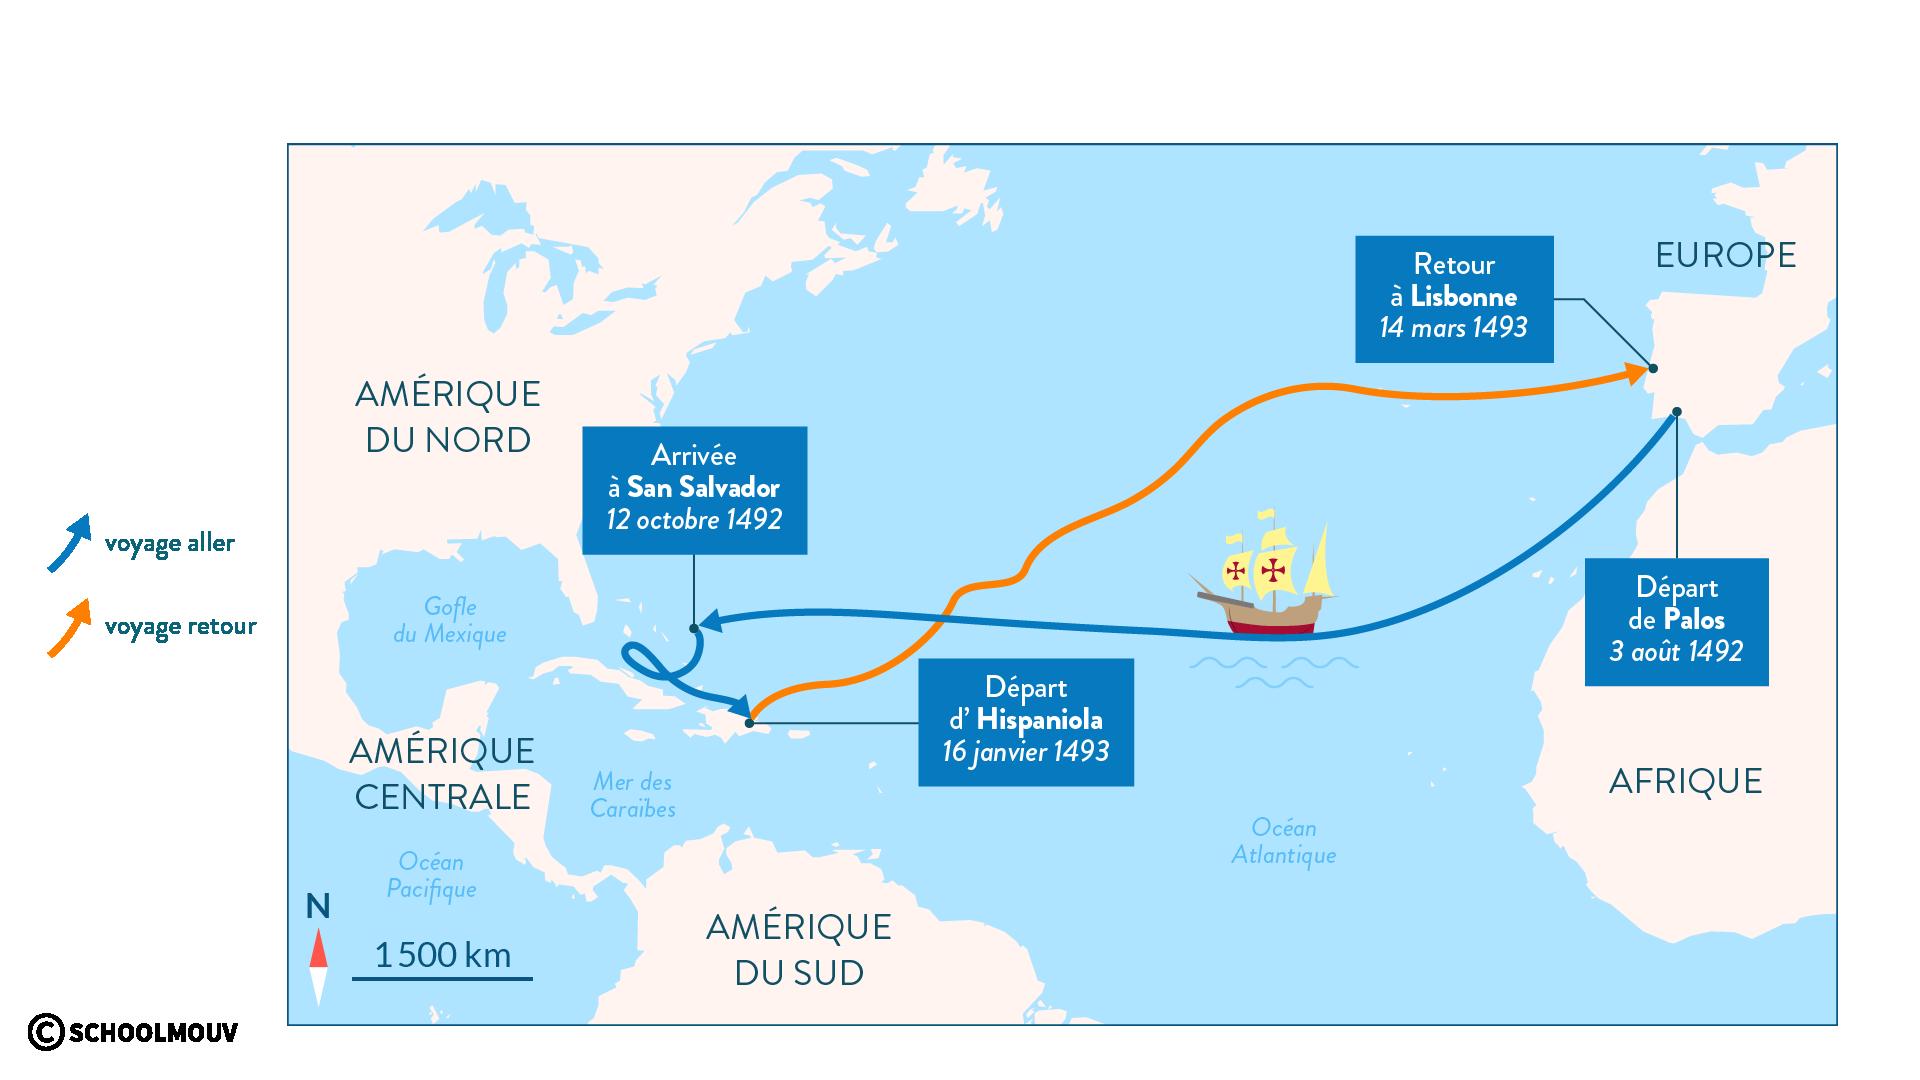 Christophe Colomb découverte Amérique premier voyage